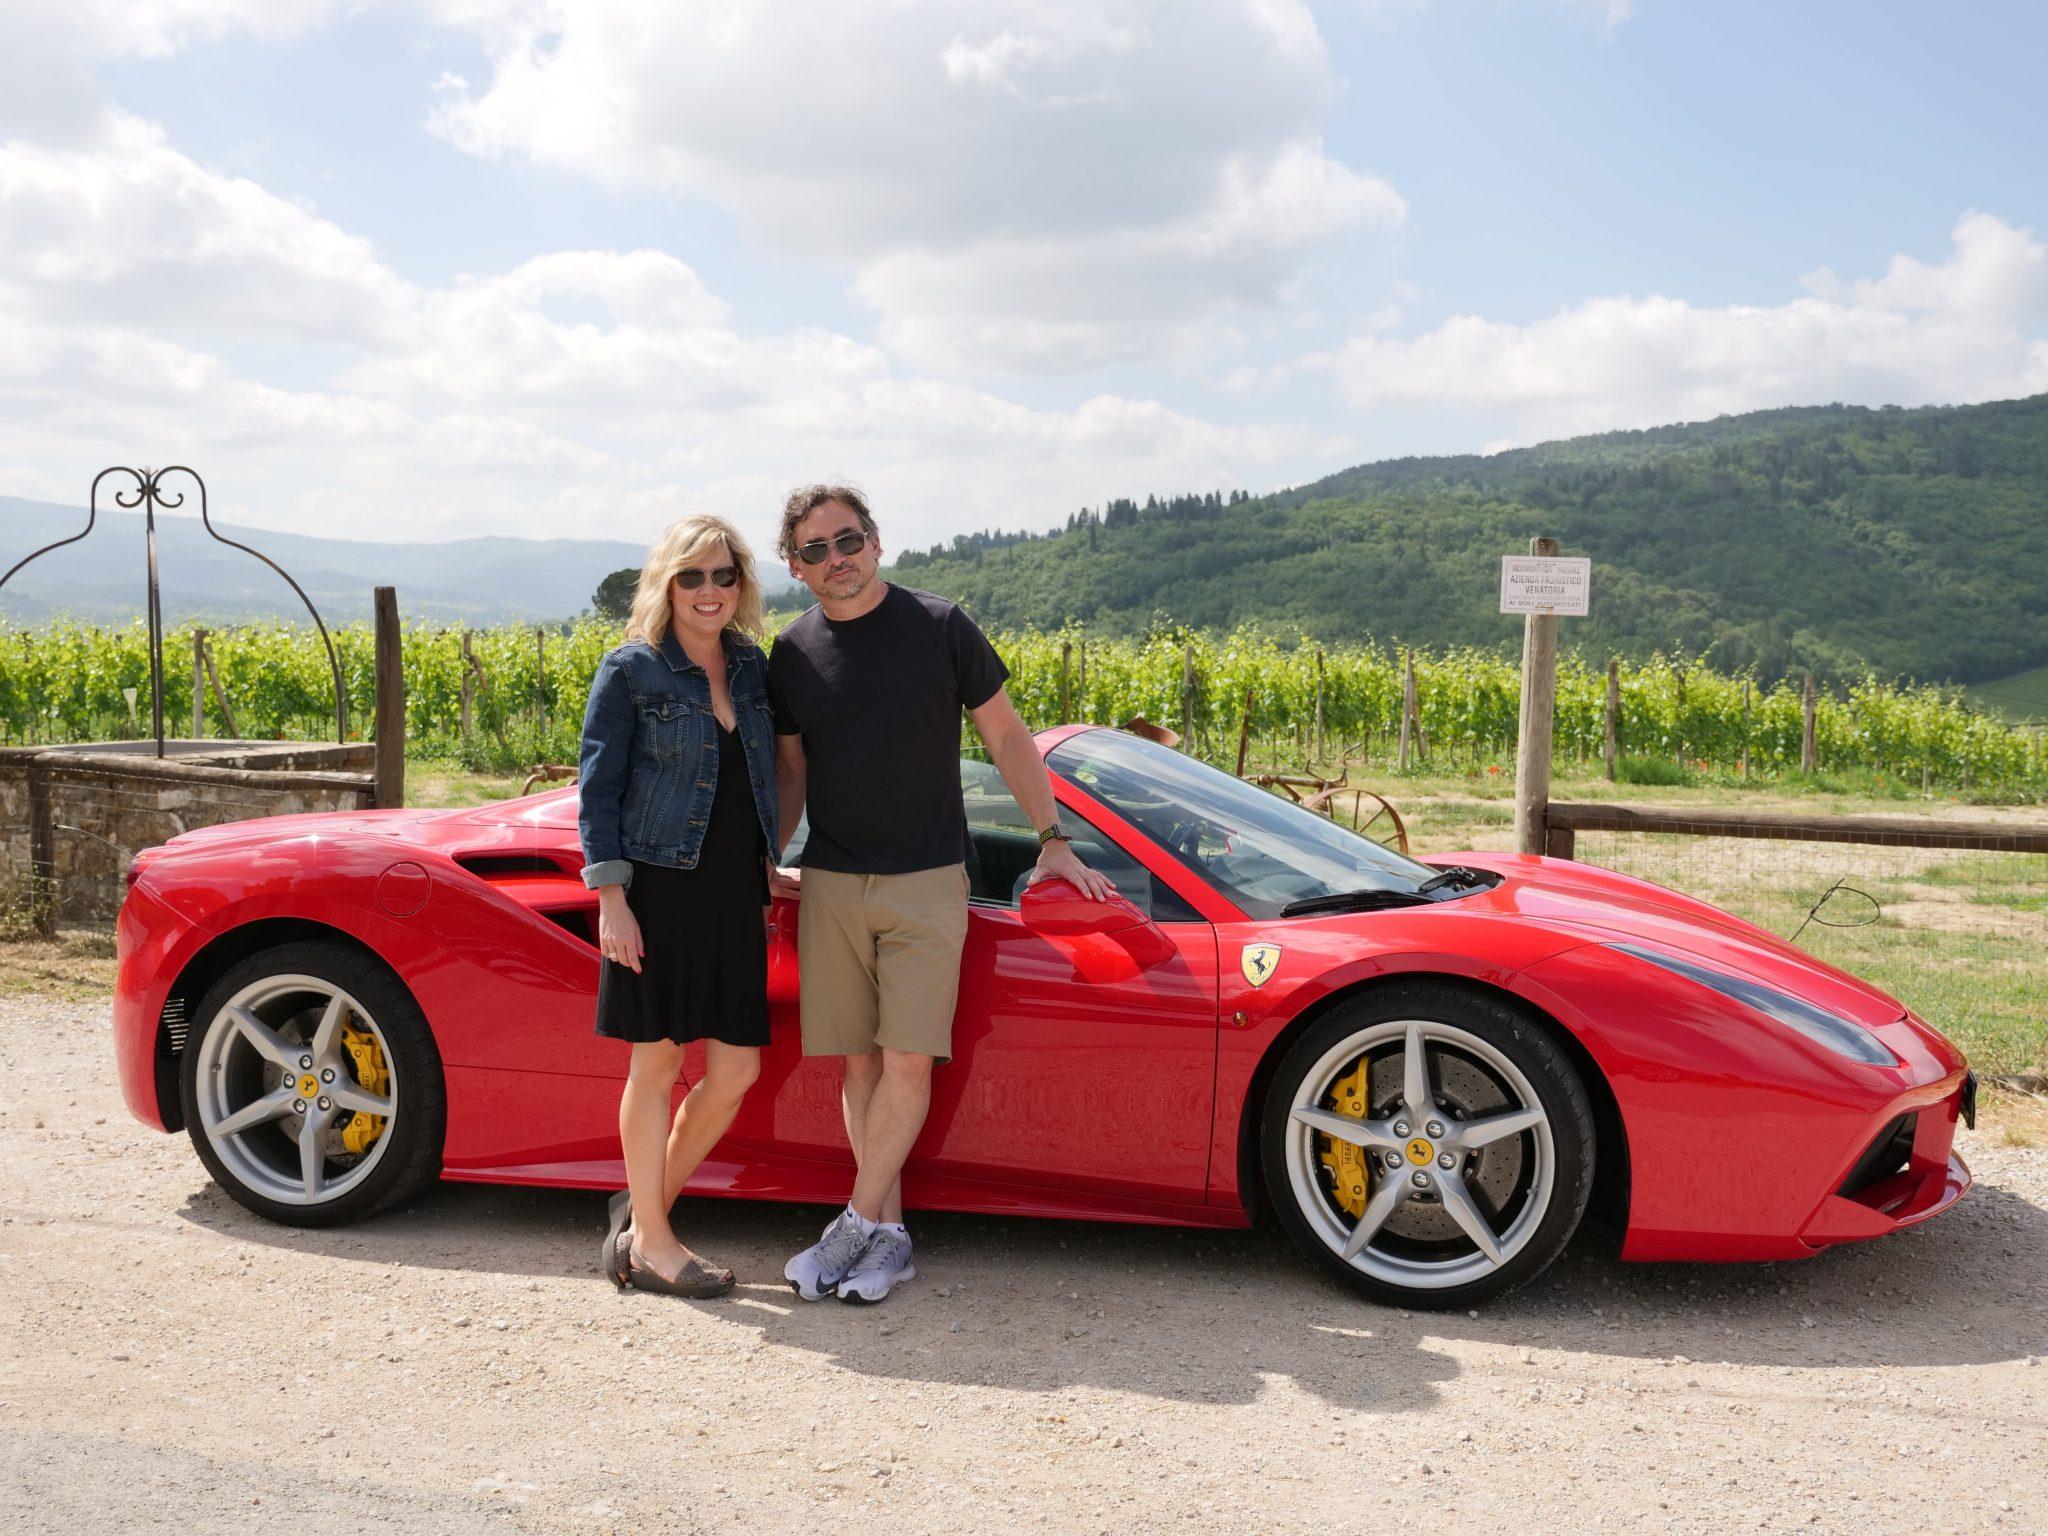 Top Tips for Ferrari Tours